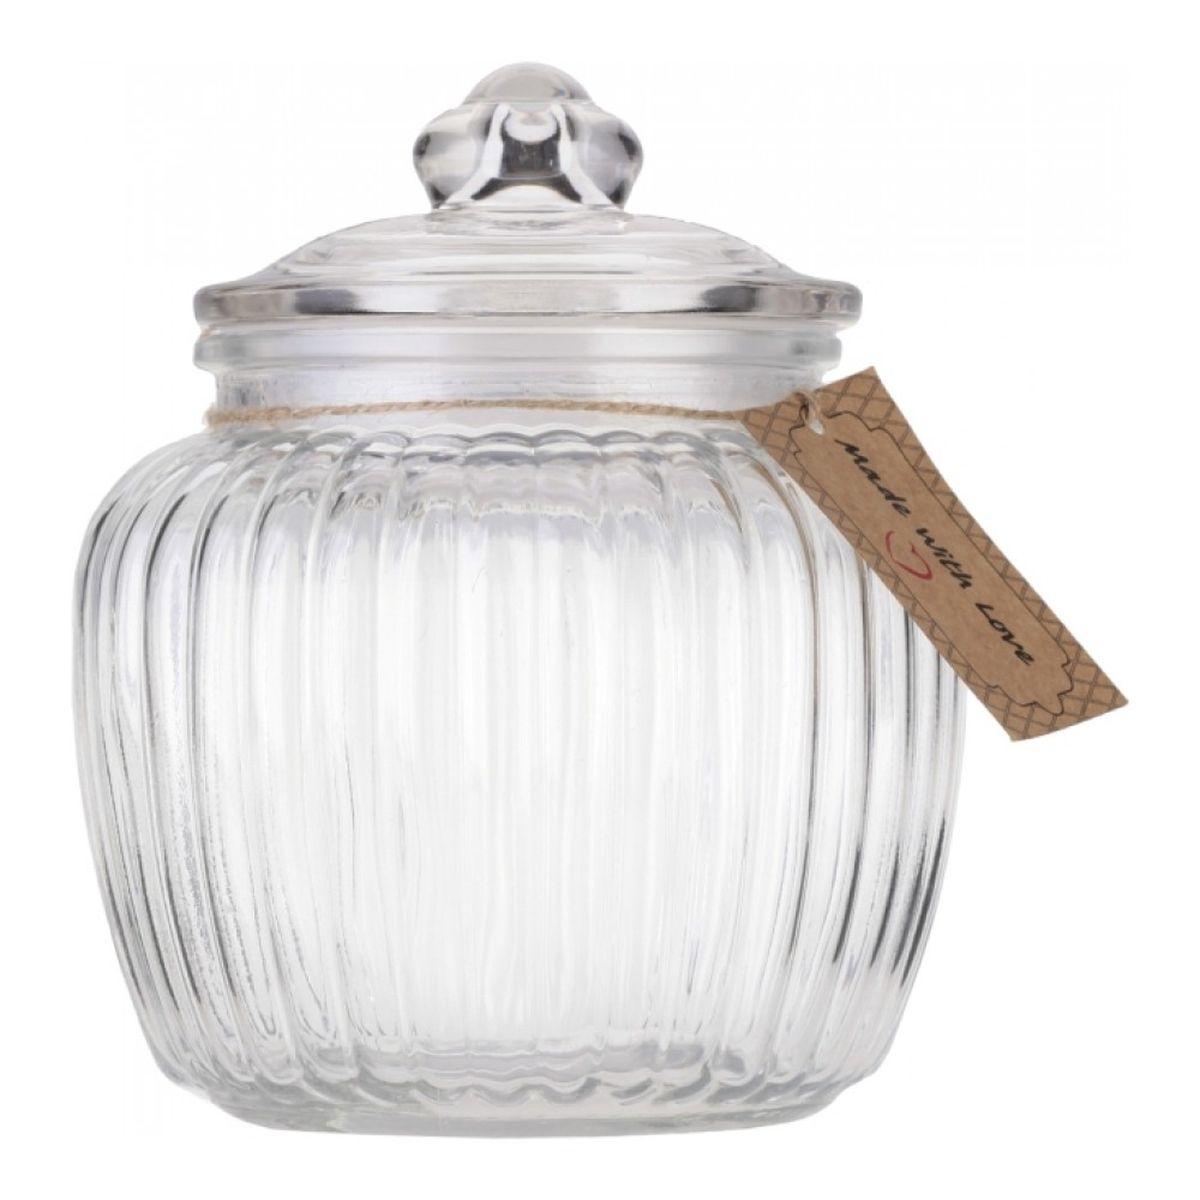 Банка для хранения Walmer Wave, 1,3 лW05120130Банка для хранения Walmer Wave изготовлена из прочного граненого стекла. Изделие снабжено крышкой, которая плотно закрывается благодаря силиконовой прослойке. Изделие имеет прозрачные стенки, поэтому всегда видно, что именно находится внутри. Банка удобна для хранения круп, сахара, специй, кофе или чая. Она стильно дополнит интерьер и поможет эффективно организовать пространство на кухне.Диаметр (по верхнему краю): 10,5 см.Высота (без учета крышки): 13 см.Высота (с учетом крышки): 18 см.